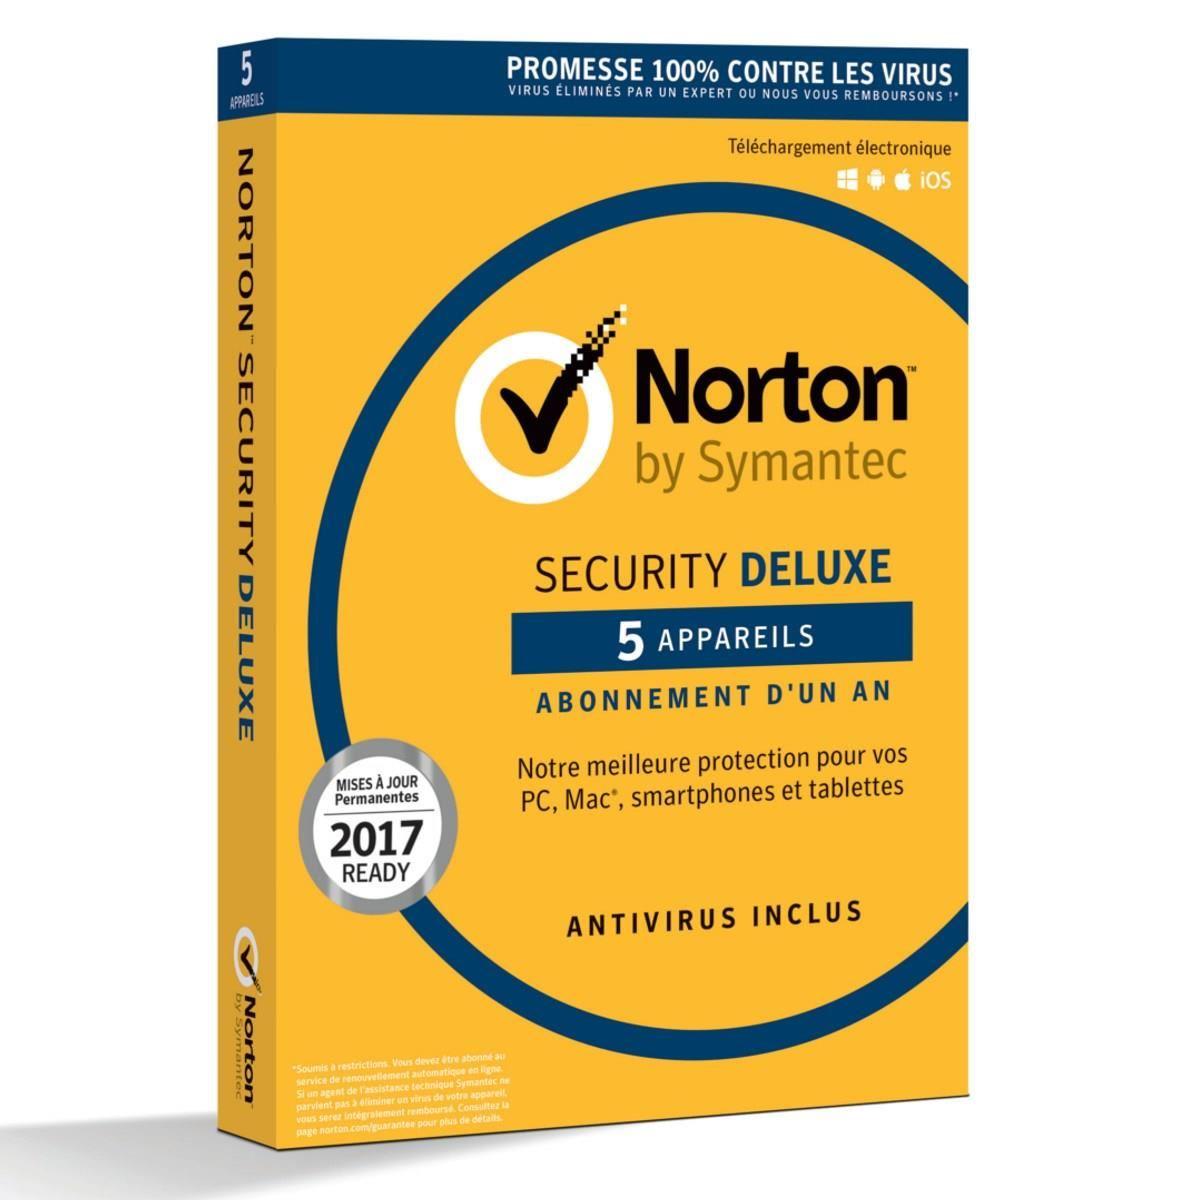 Antivirus : Ce que je peux vous recommander en matière d'équipements et de protection contre les antivirus